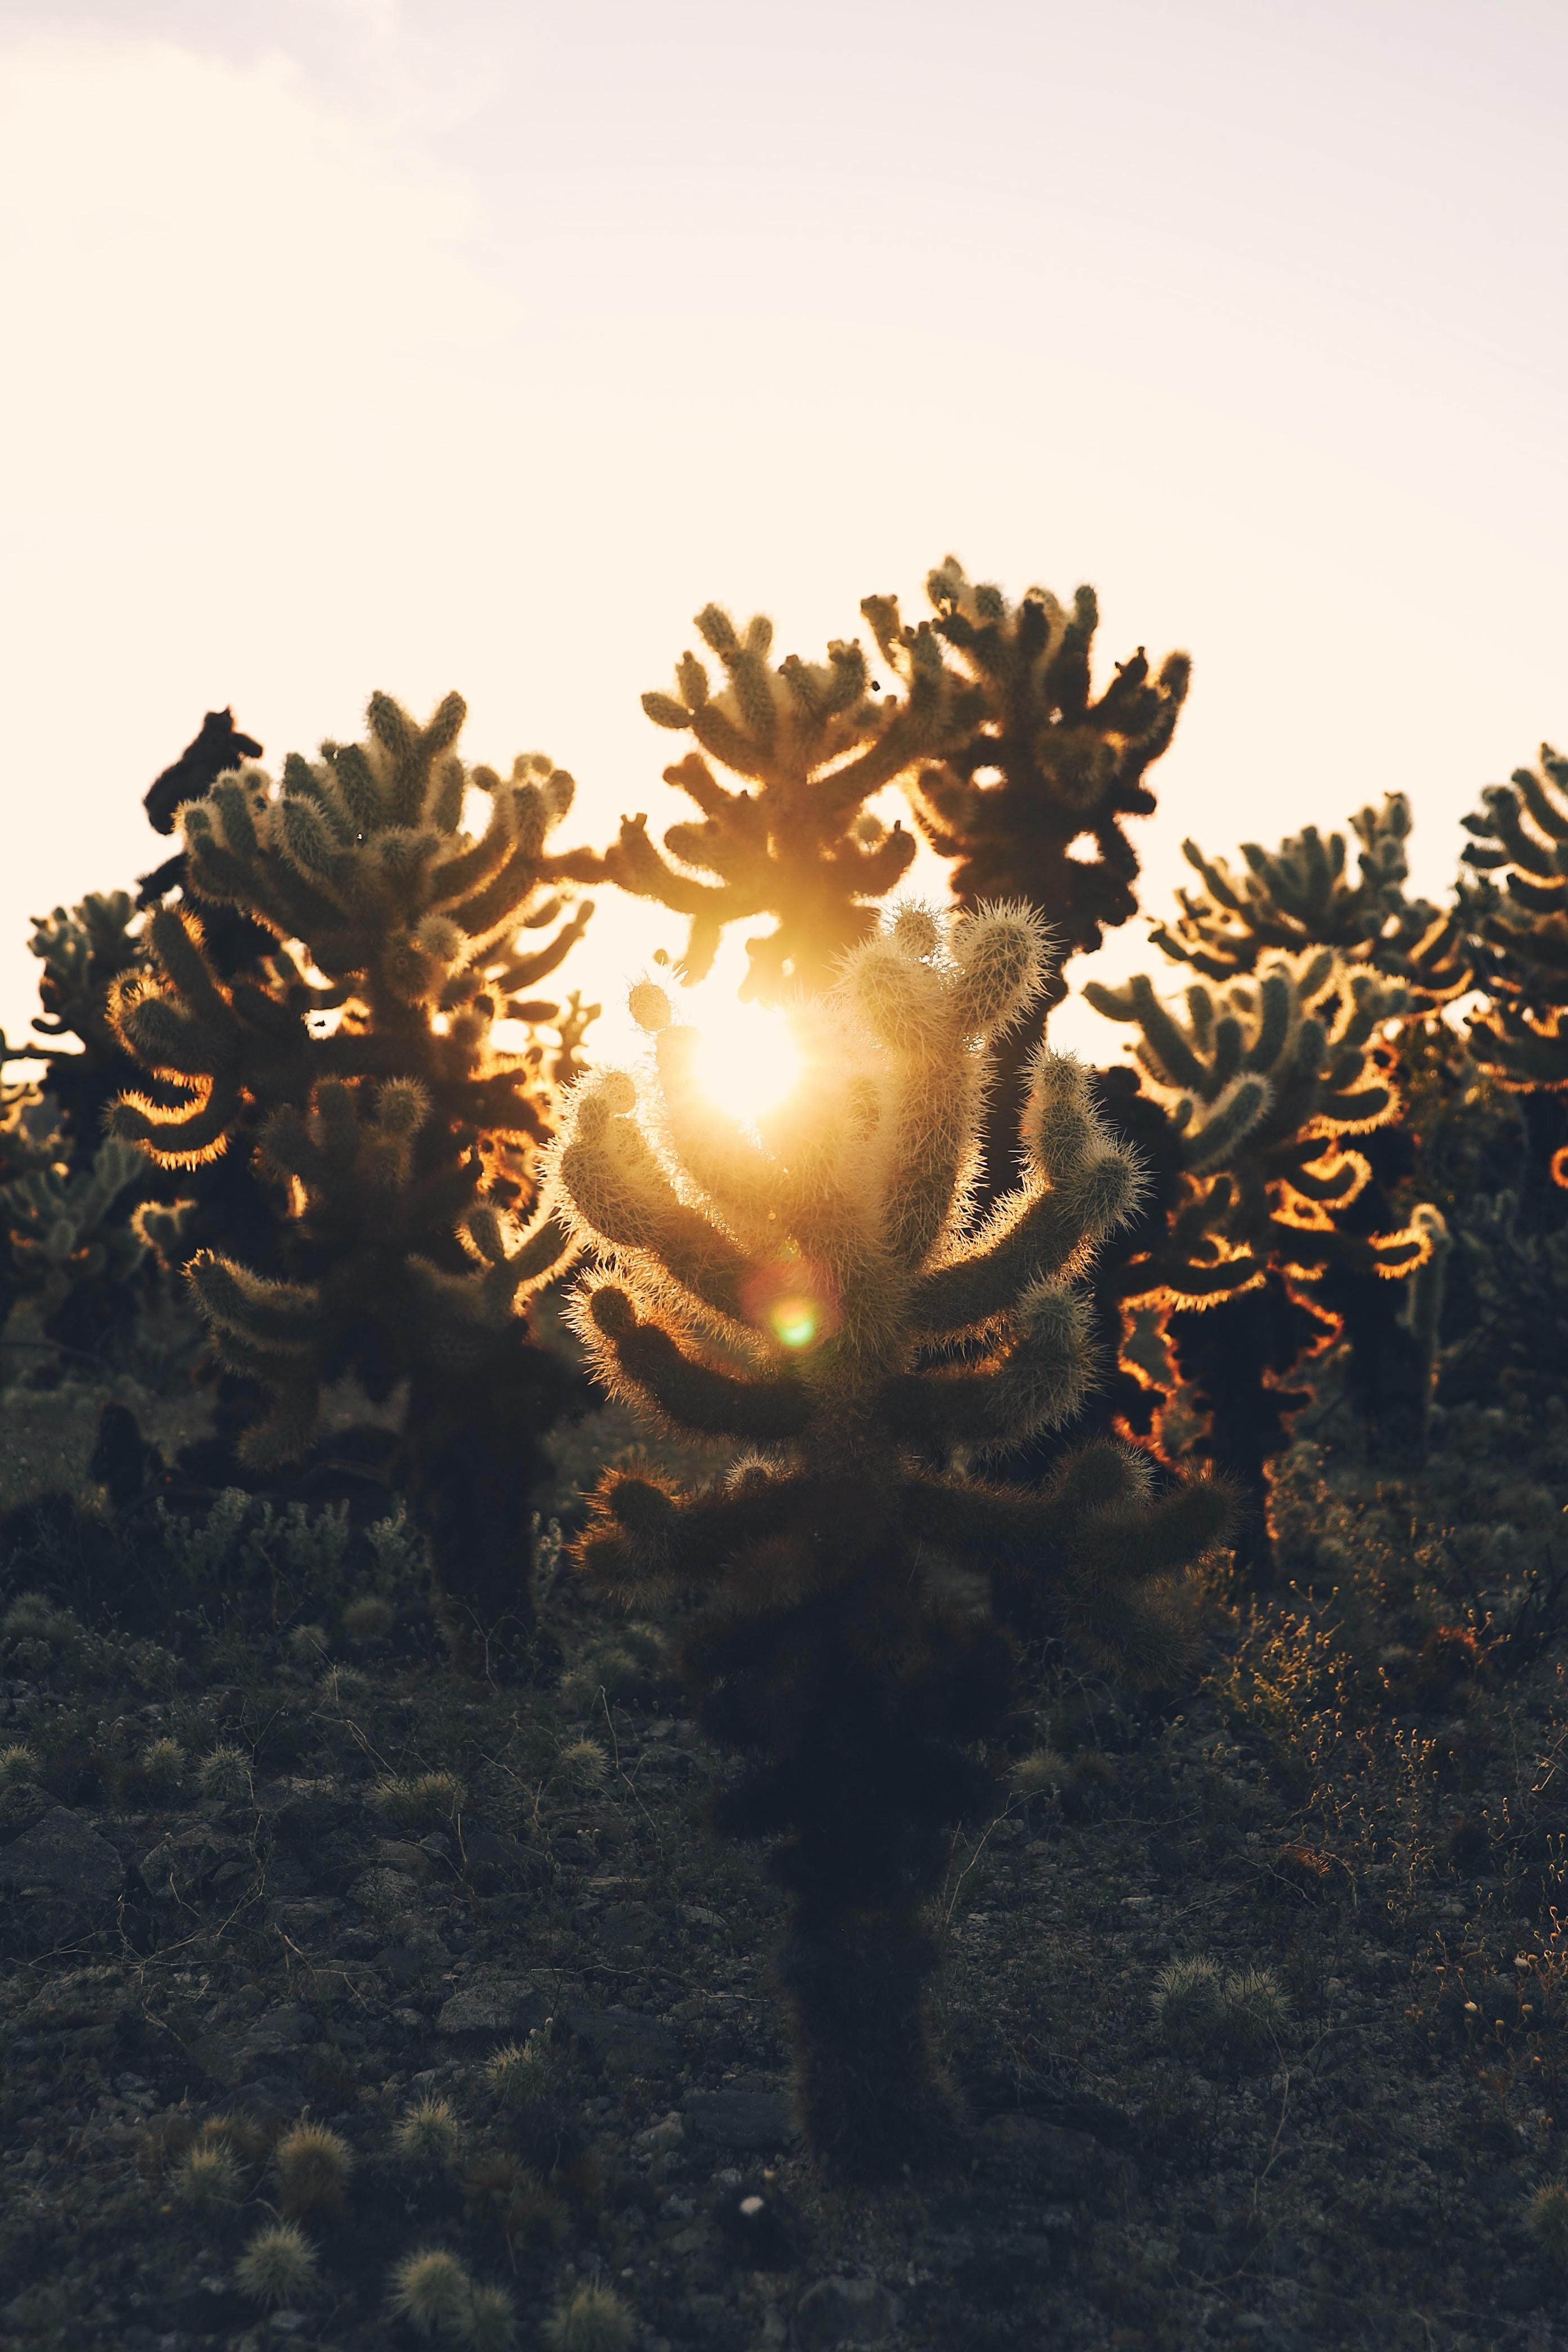 141023 Заставки и Обои Кактусы на телефон. Скачать Природа, Кактусы, Закат, Пустыня, Солнечный Свет картинки бесплатно